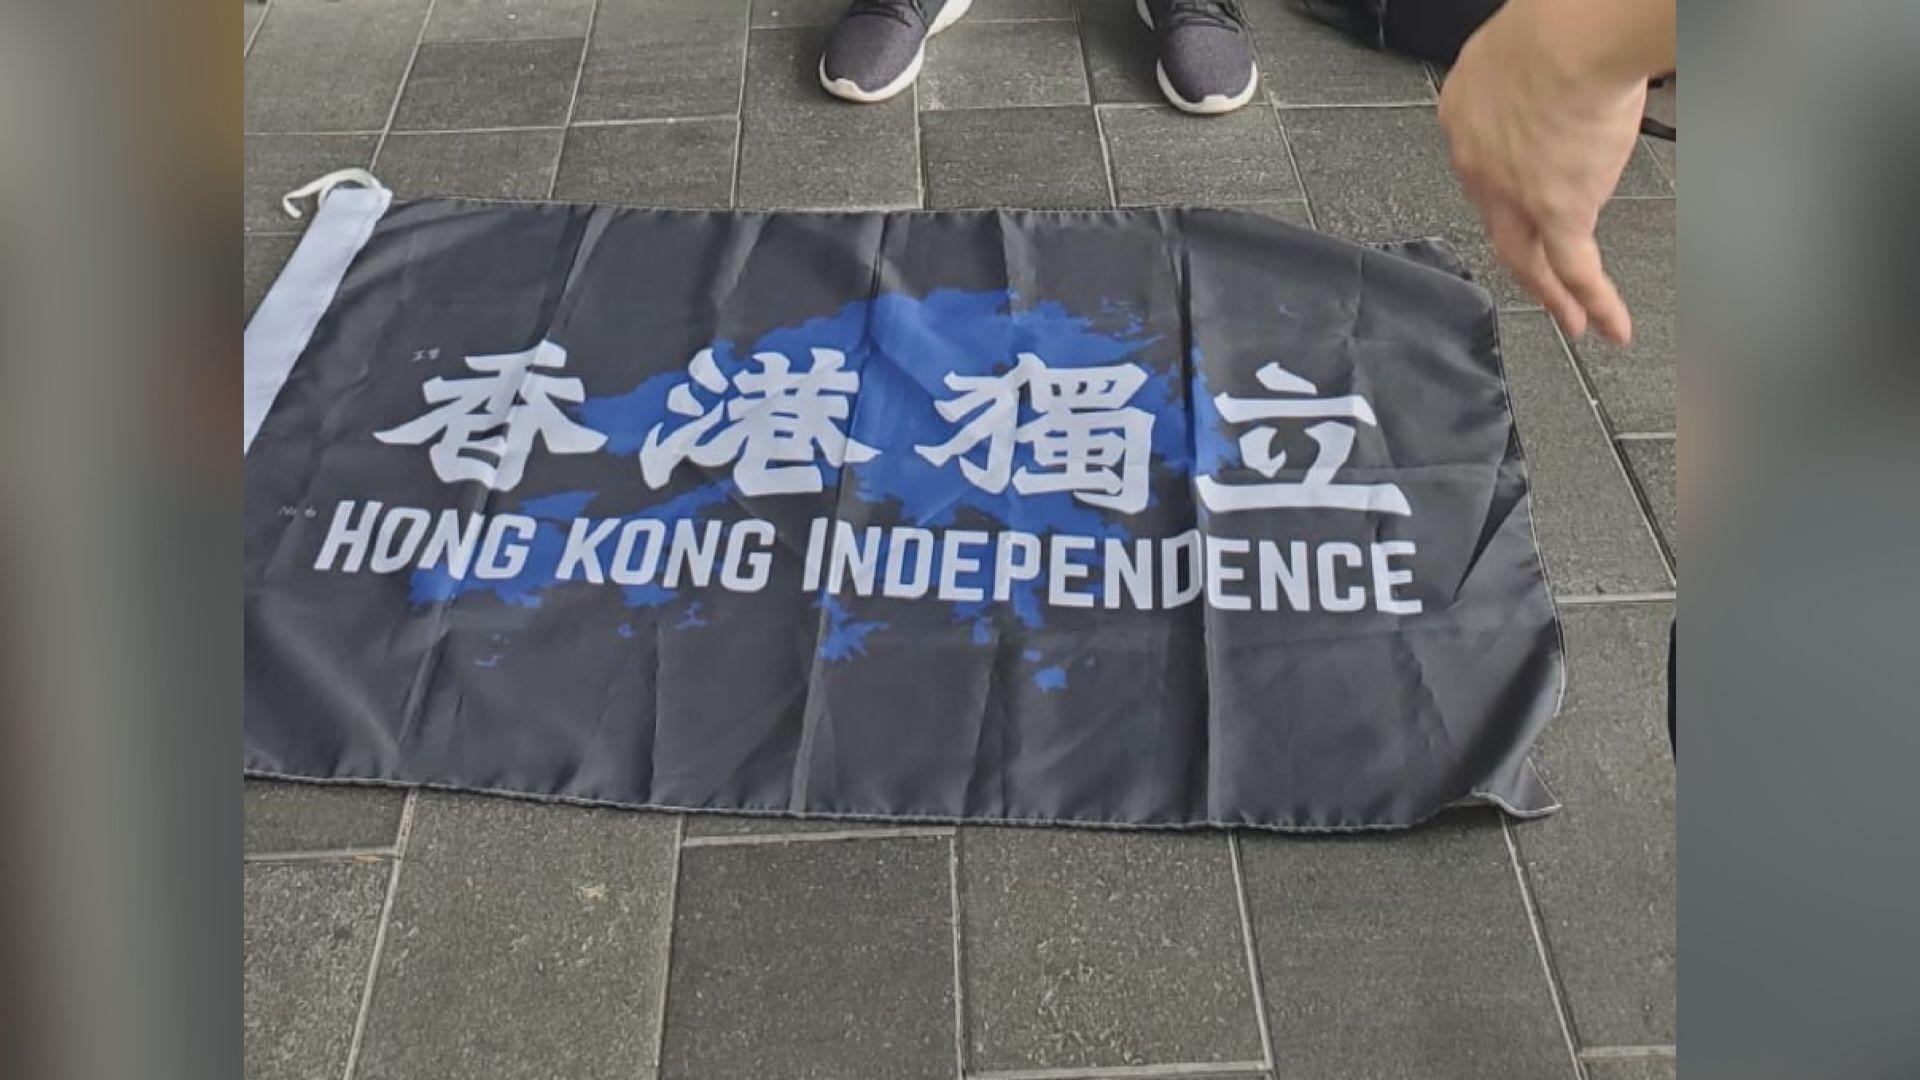 警方搜出「香港獨立」旗幟 首引用國安法拘一男子